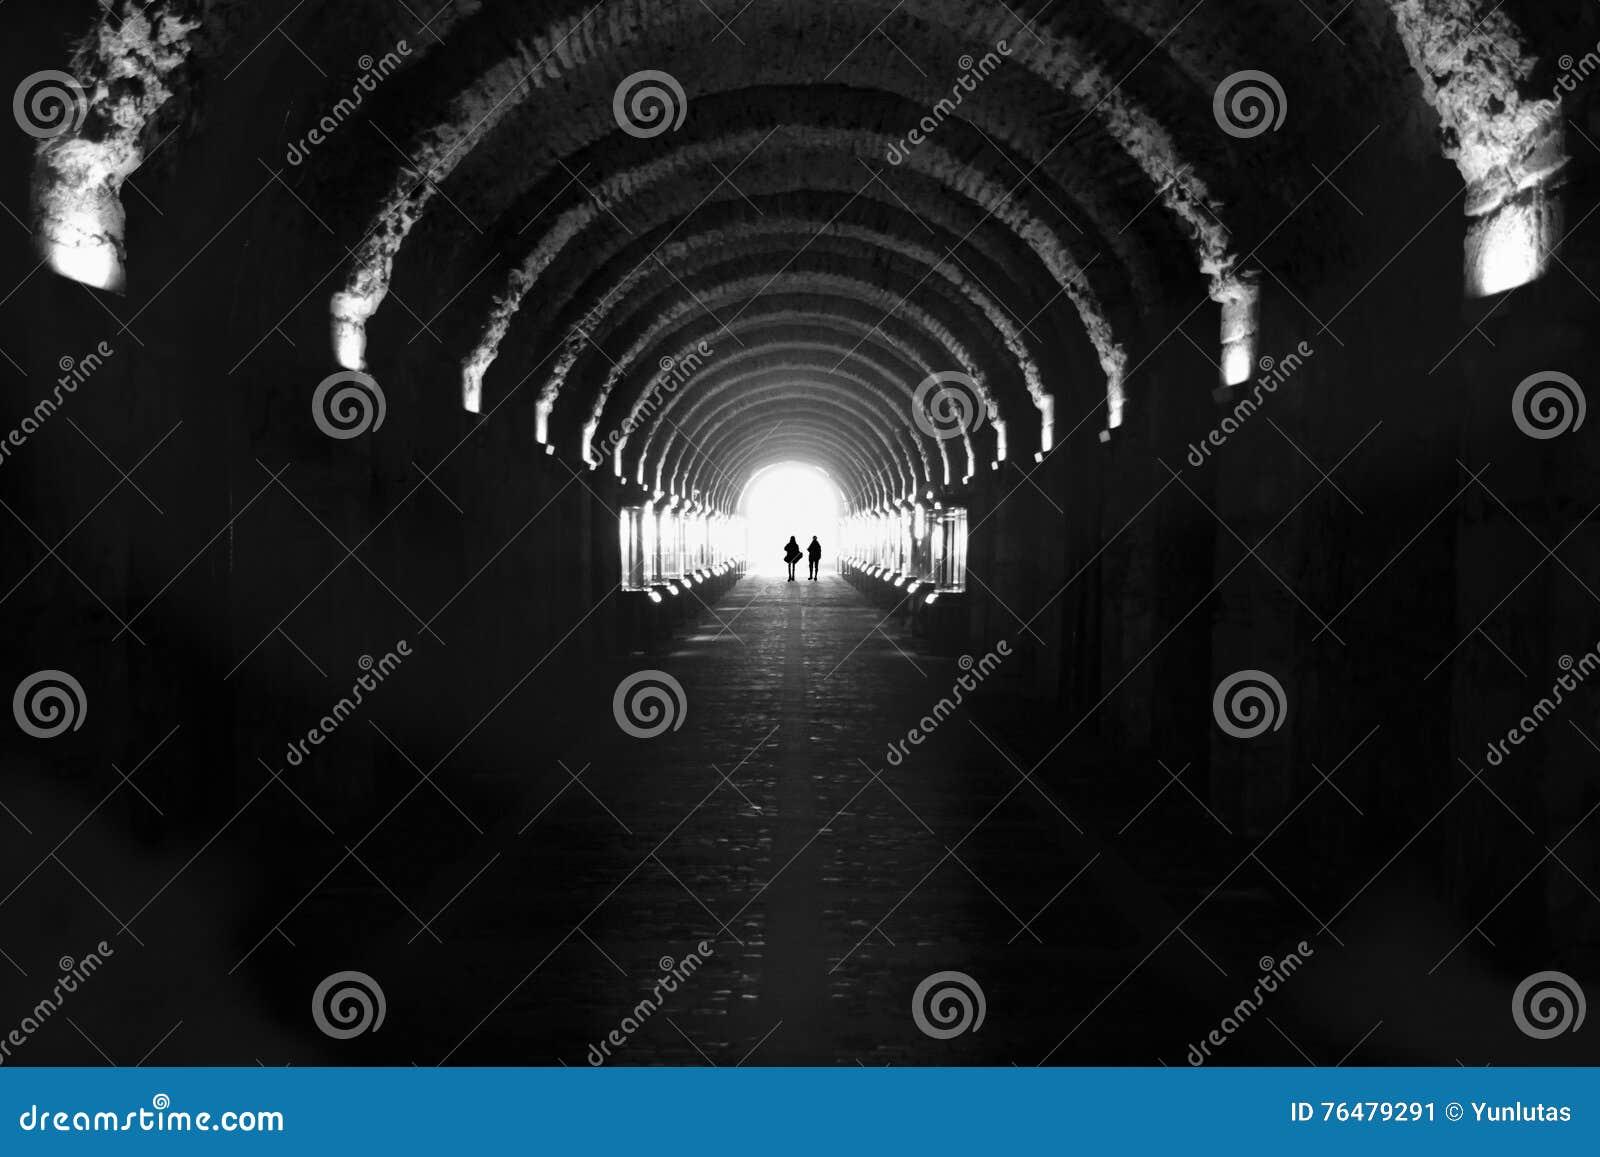 Beylerbeyi Palace, passage tunnel.